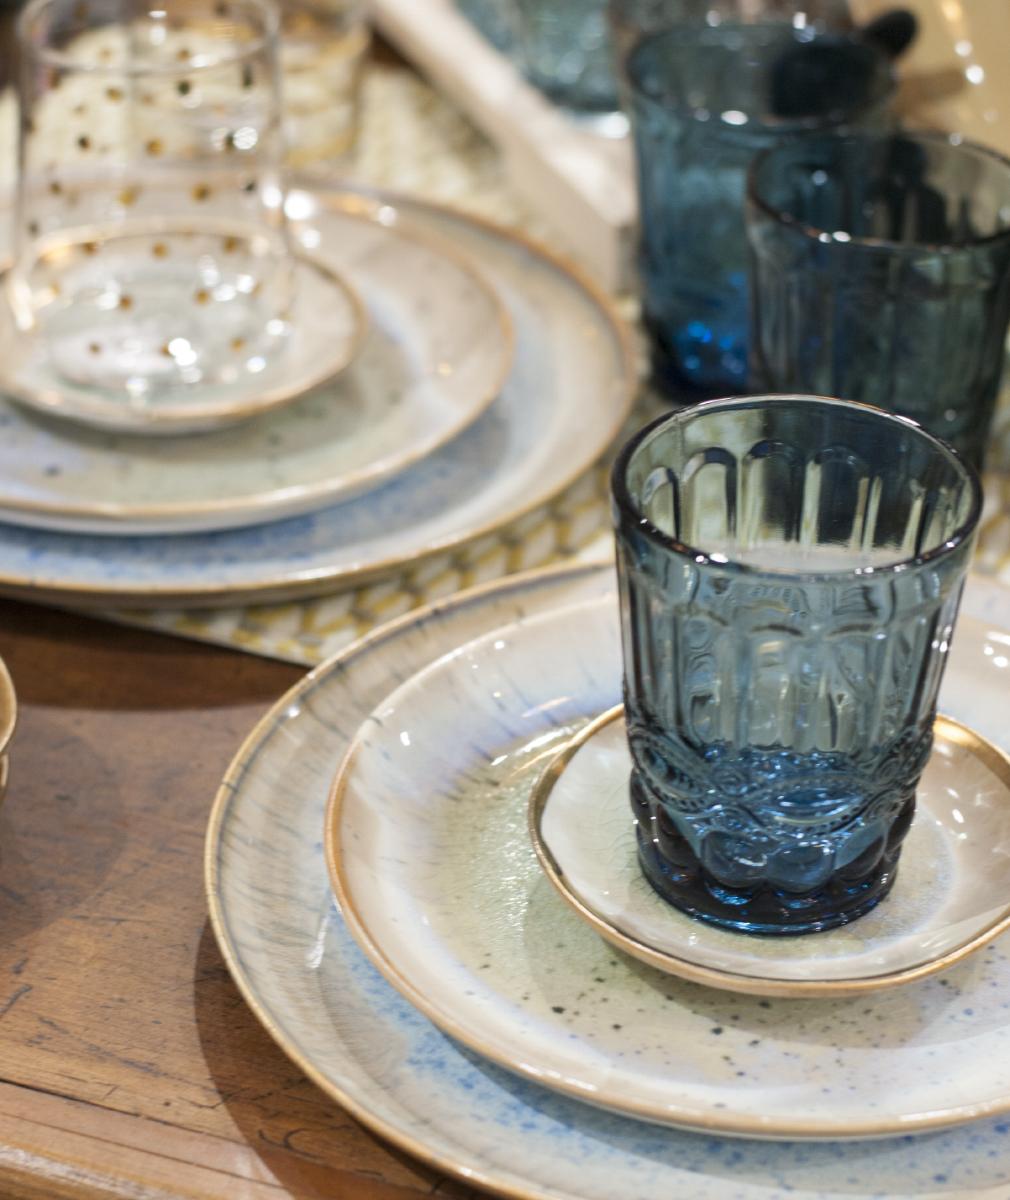 Plateware + Glassware